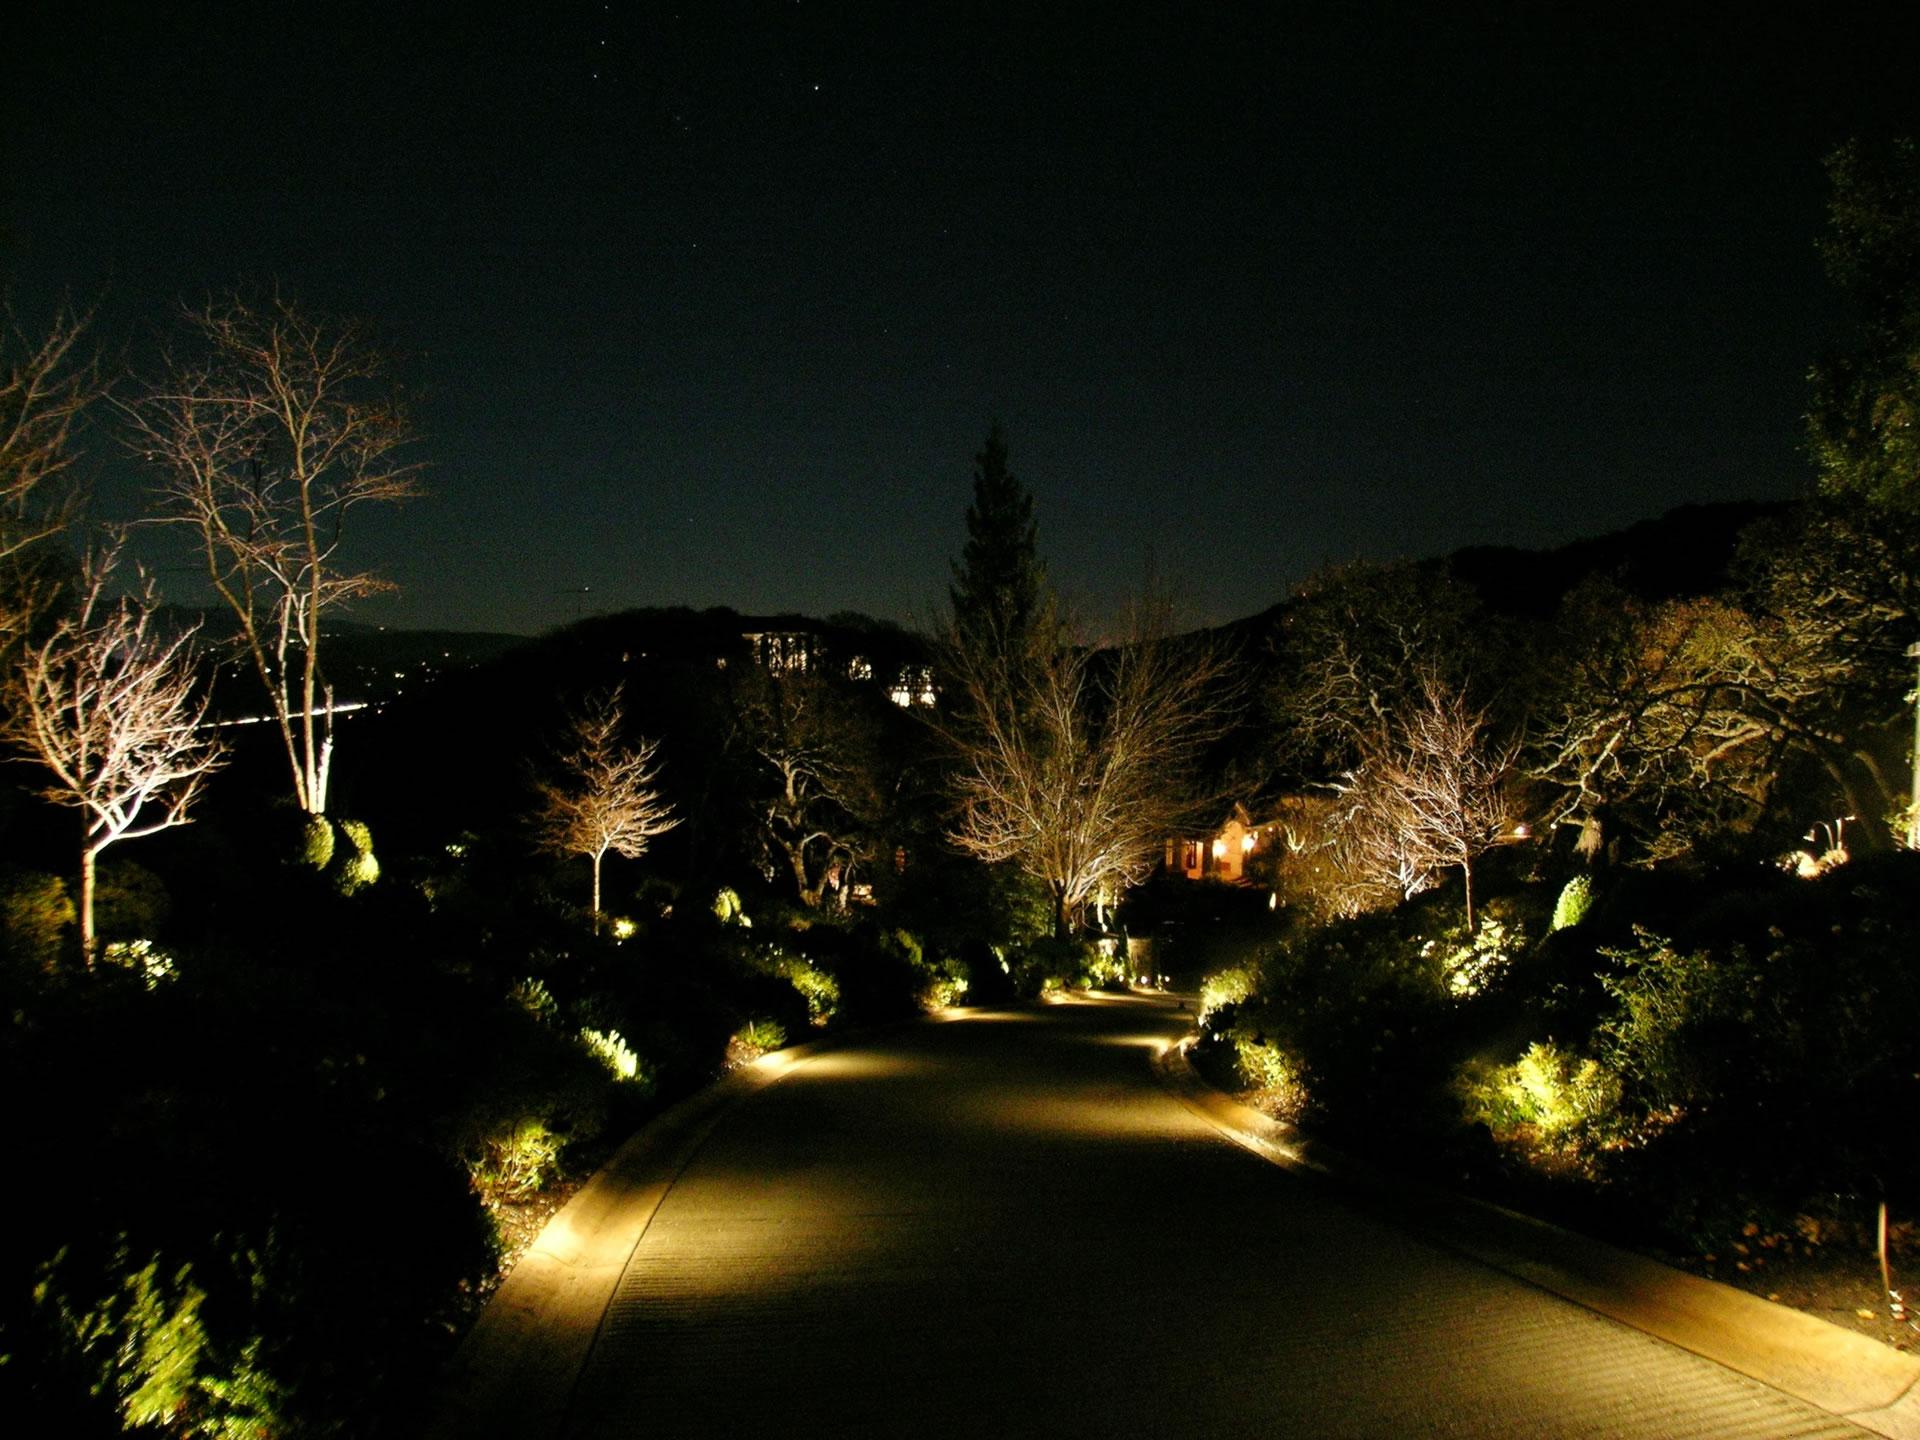 Alamo led landscape lighting conversion by artistic for Led landscape